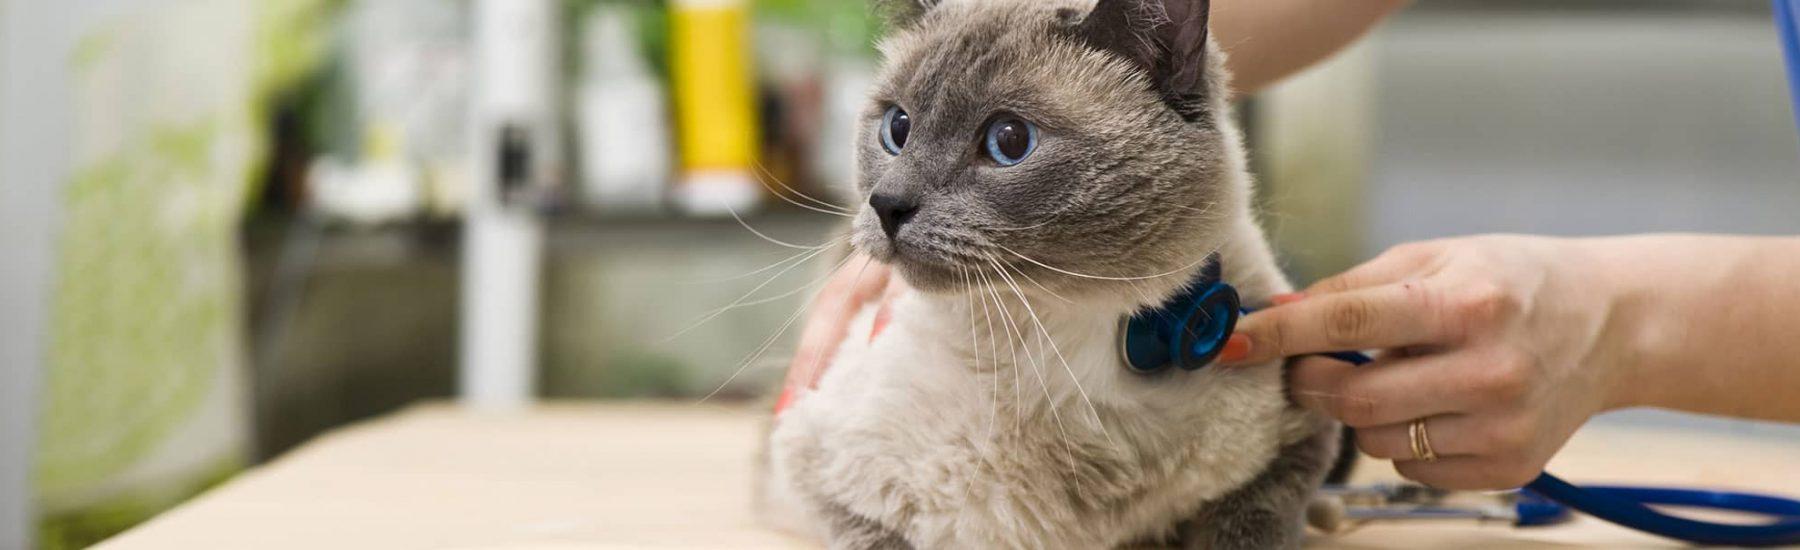 Siamese cat at the vet